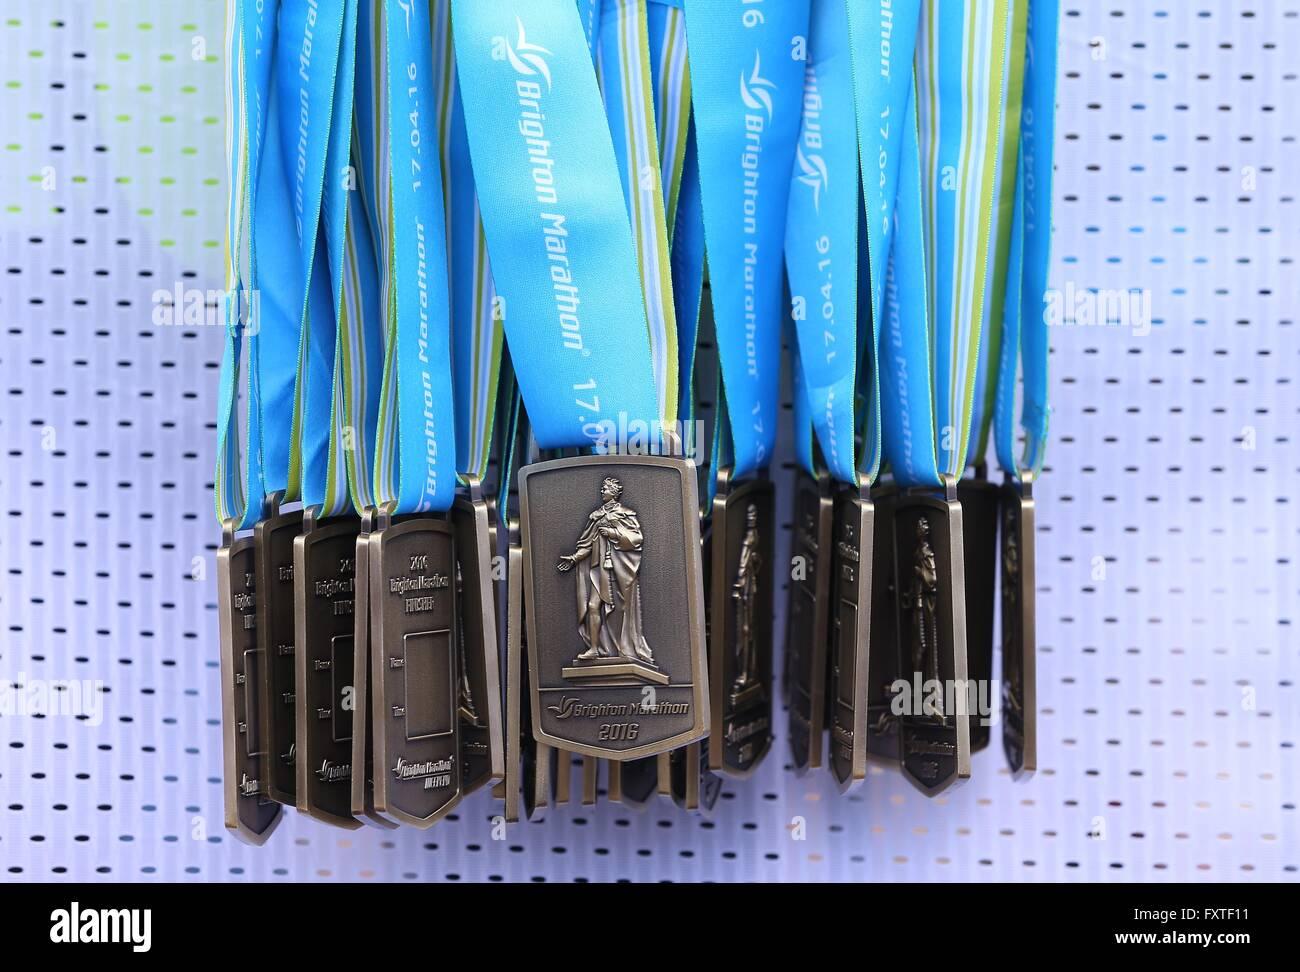 Glissières de prendre part au Marathon de Brighton 2016. Photo Stock